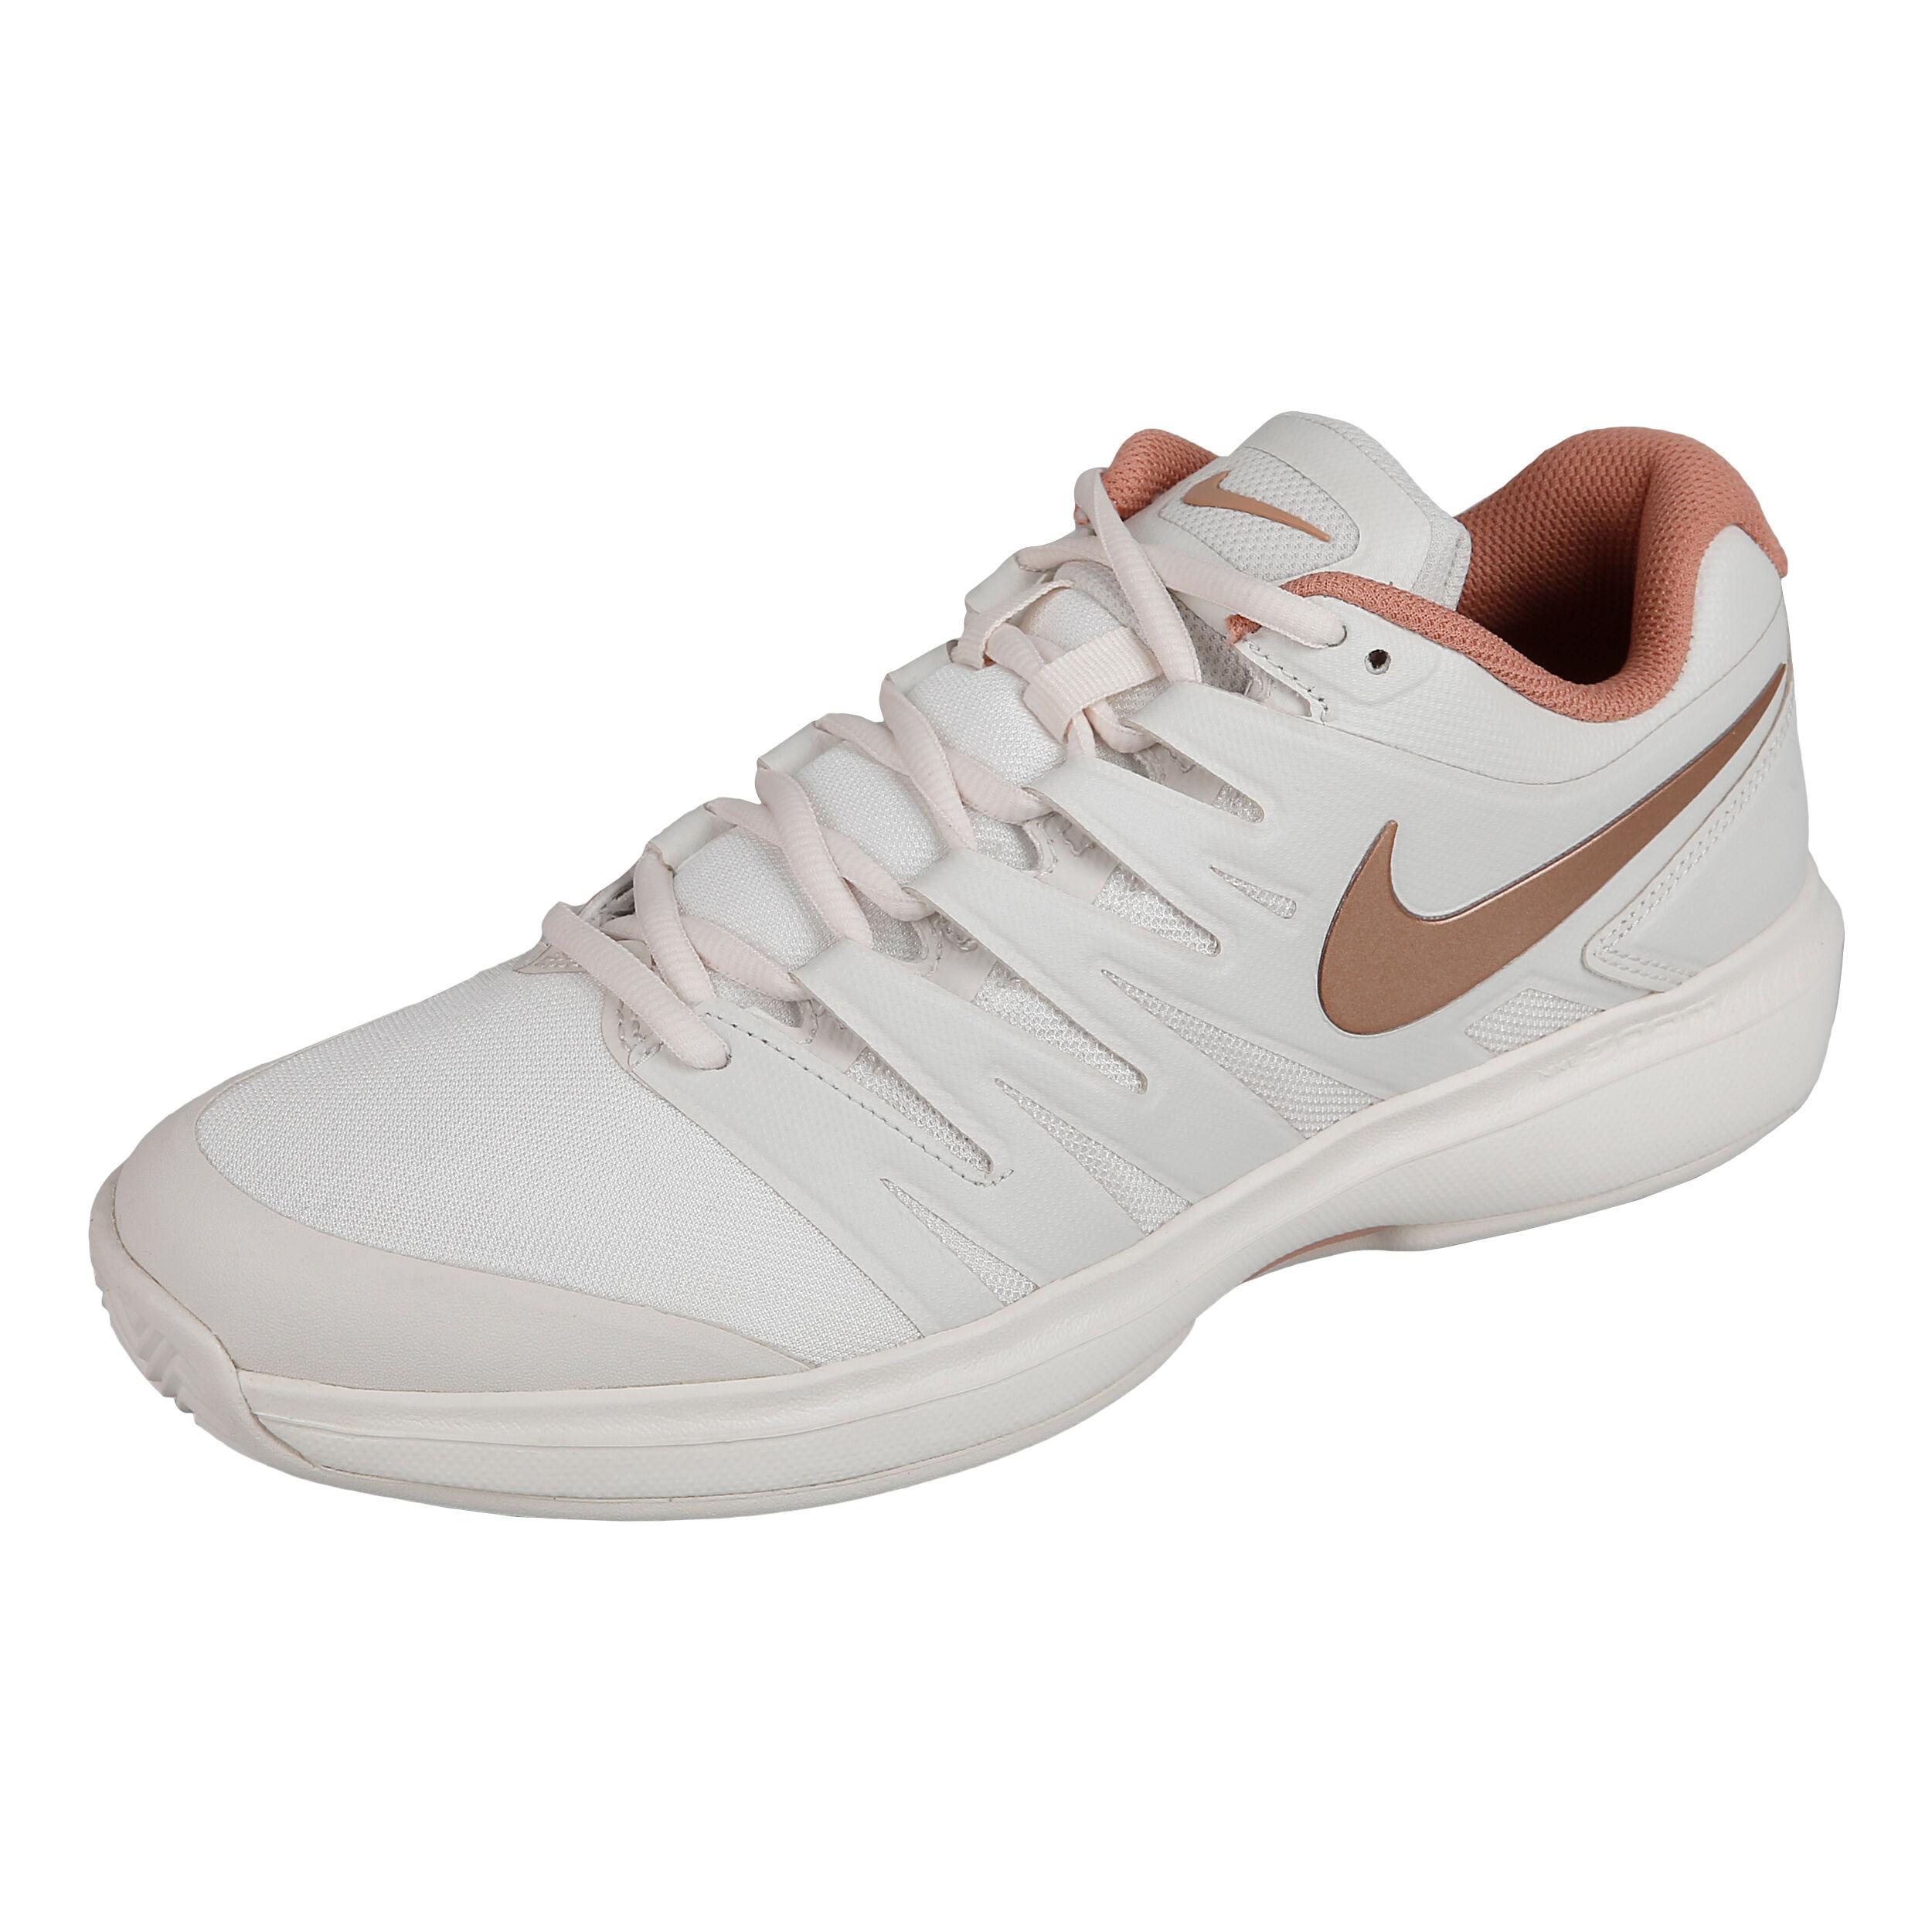 Nike Air Zoom Ultra Allcourtschuh Damen Creme, Beige